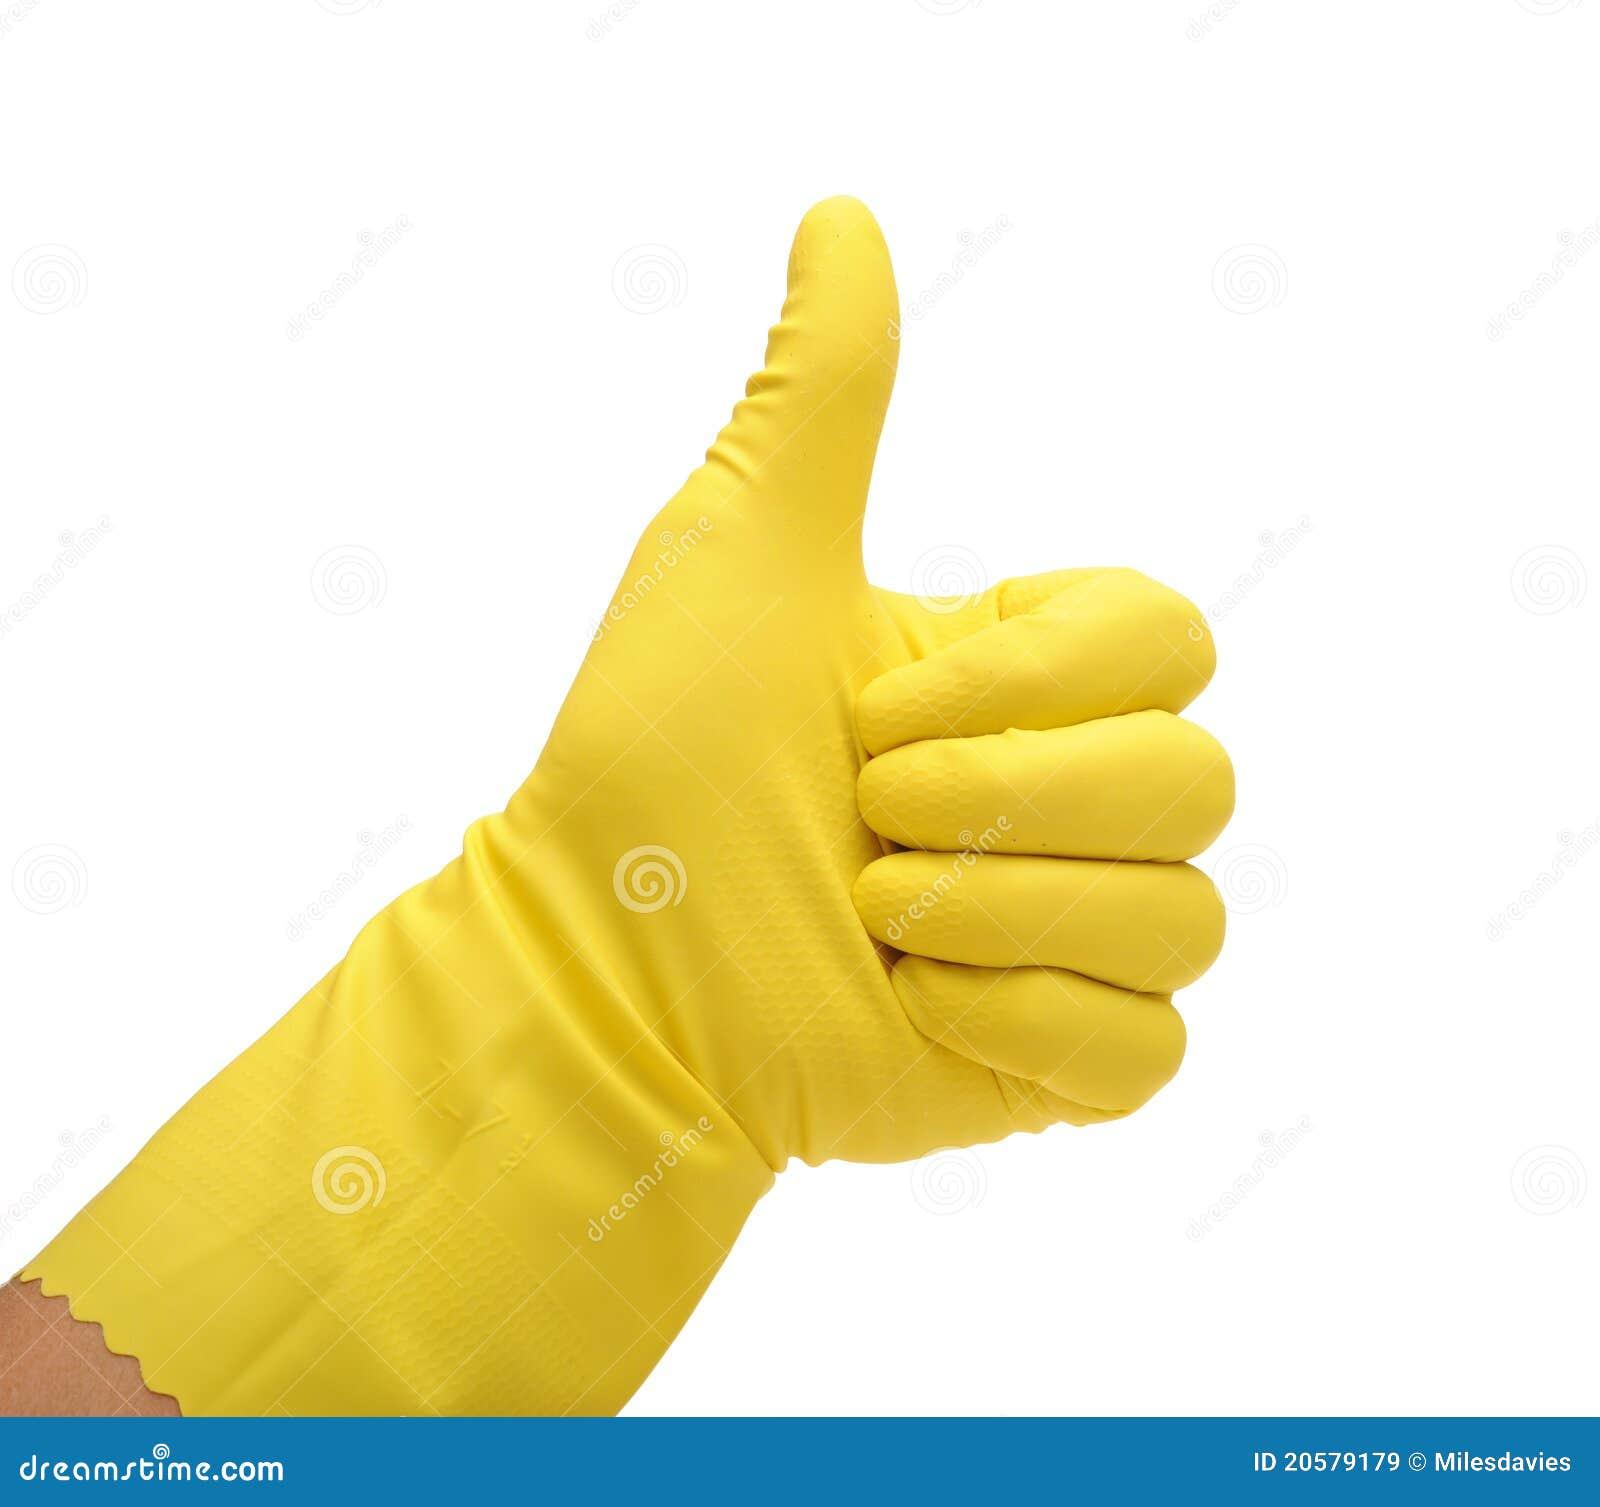 Член и резиновые перчатки 4 фотография